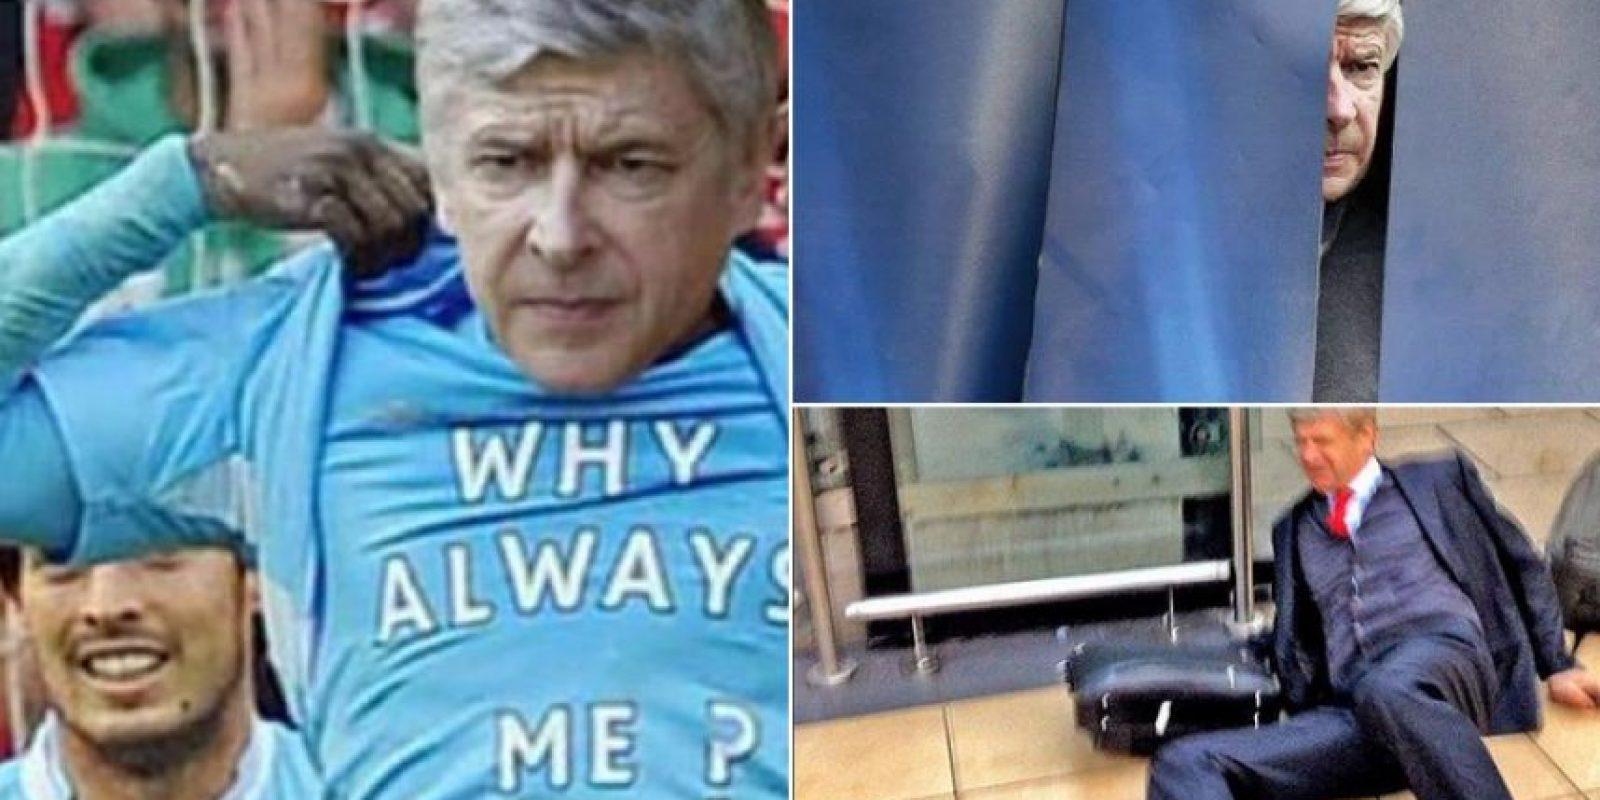 La reacción de Wenger Foto:Twitter